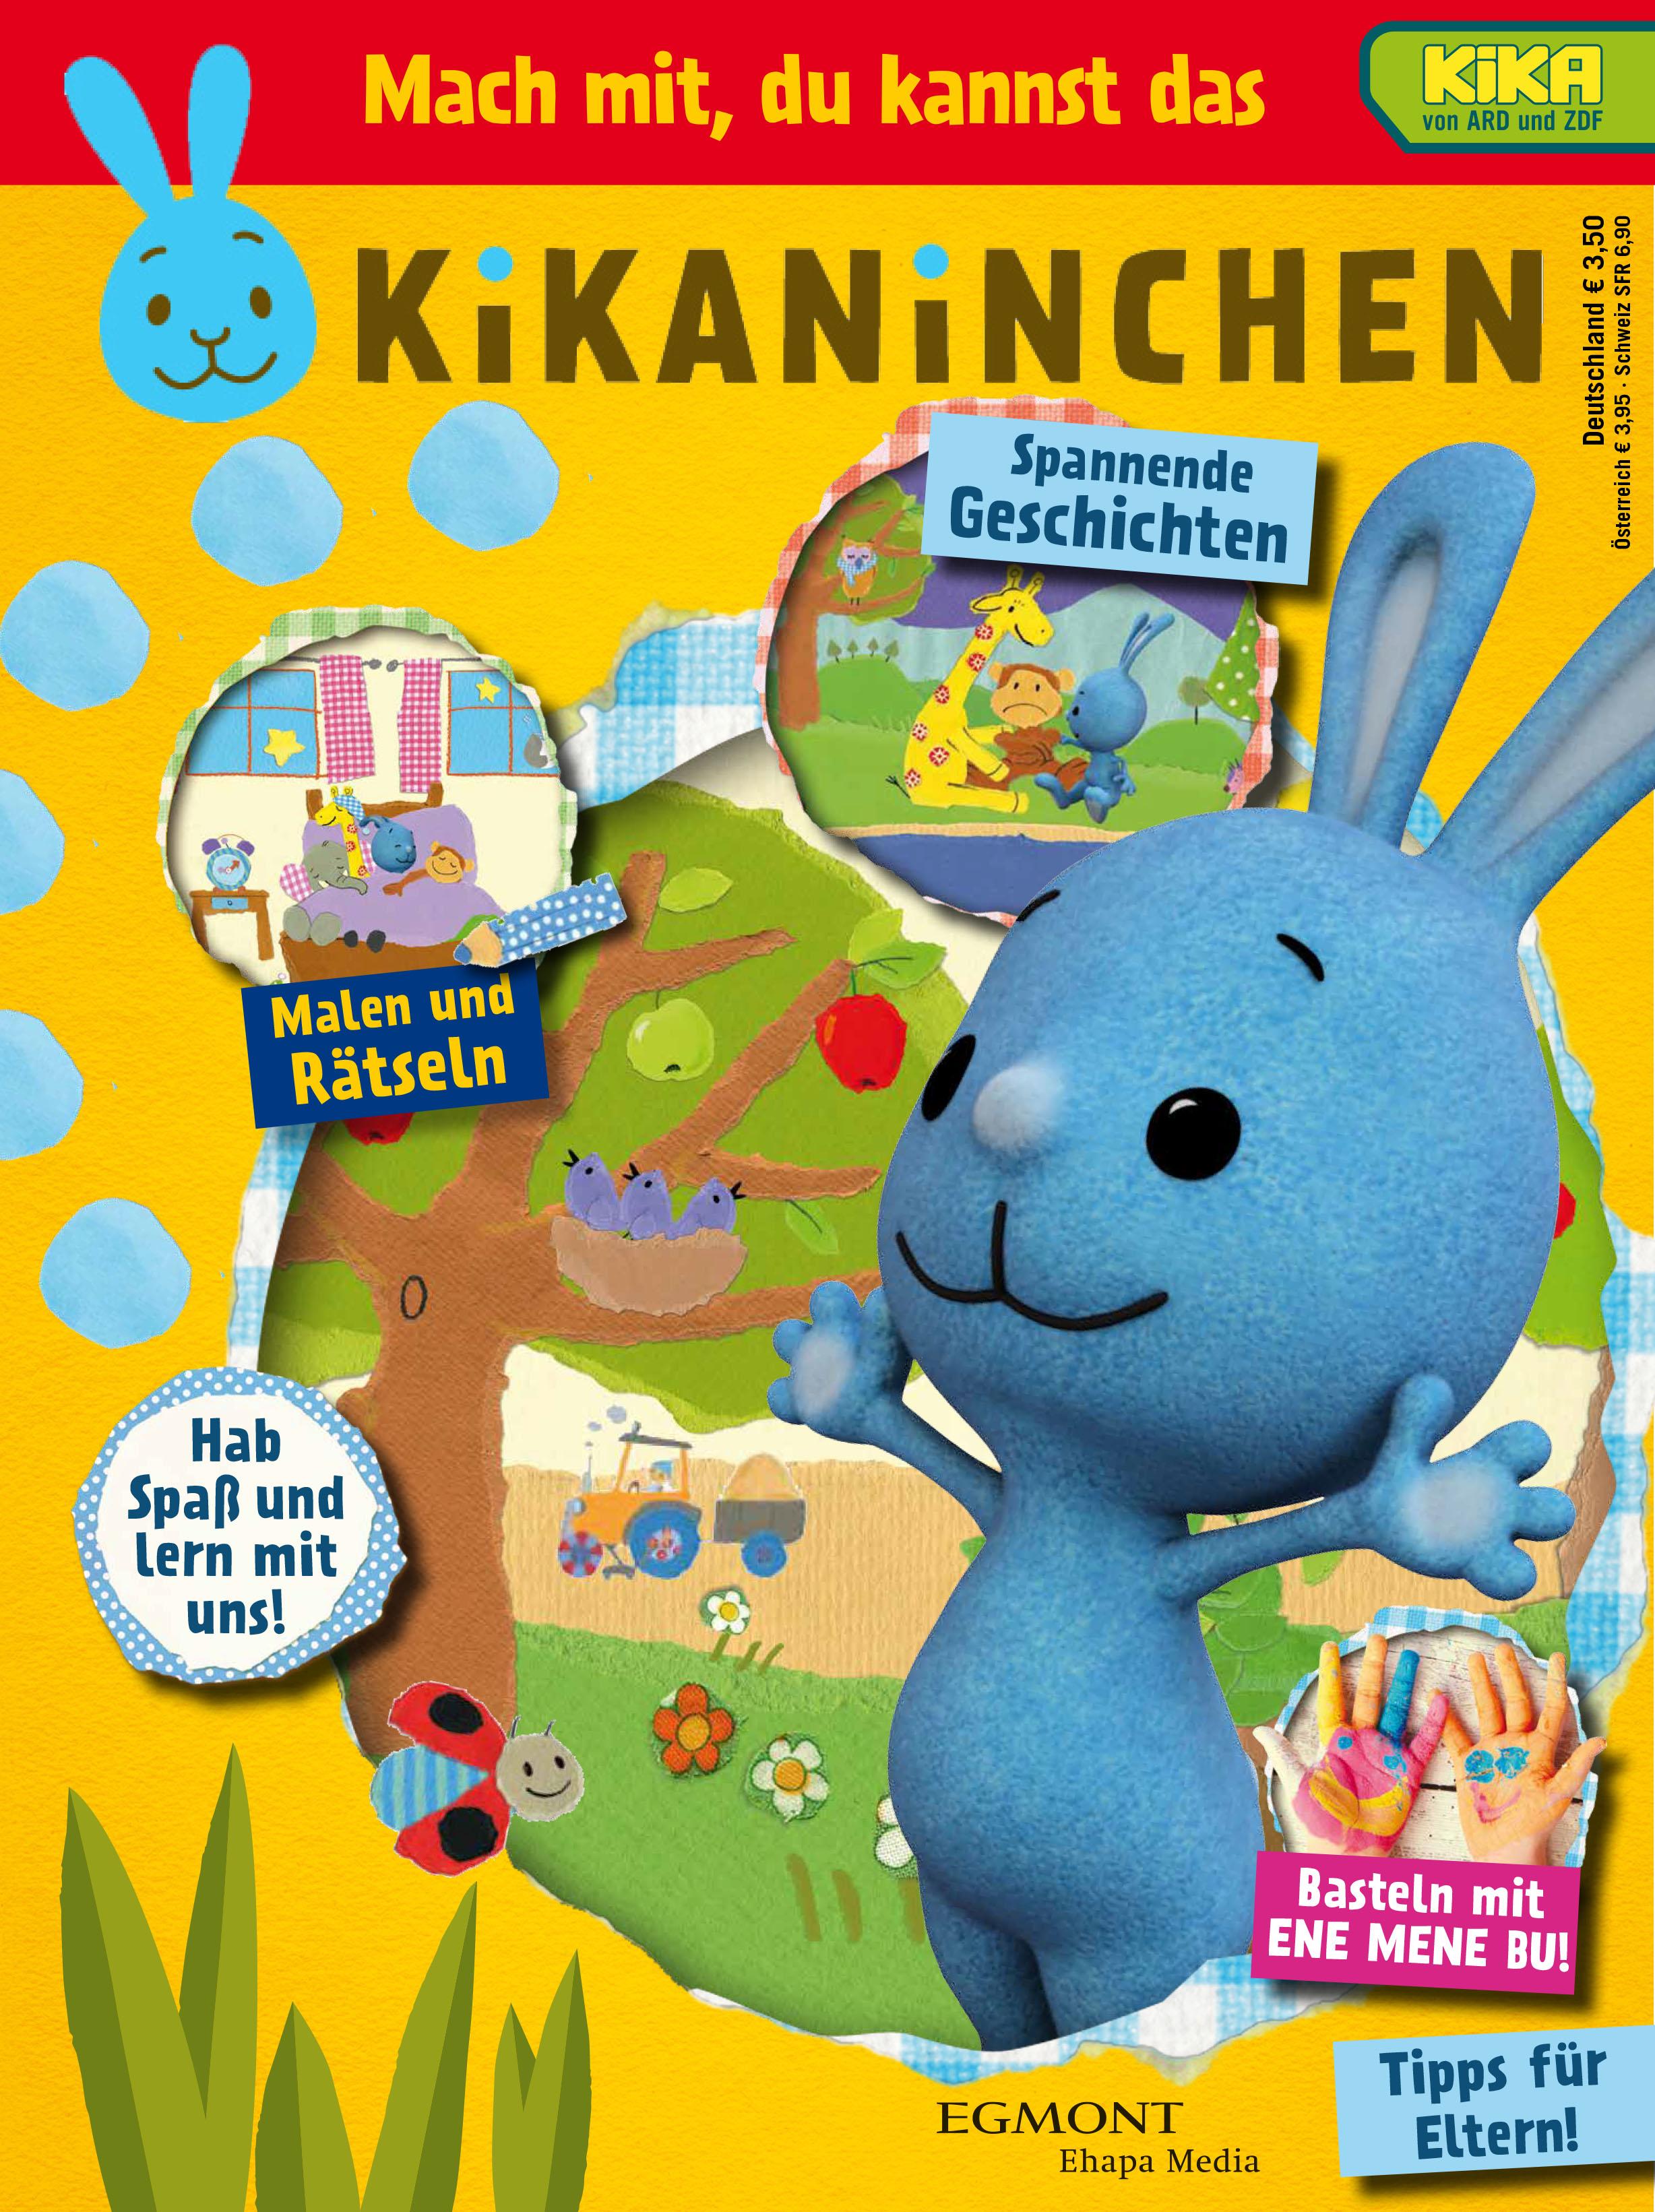 Kikanichen